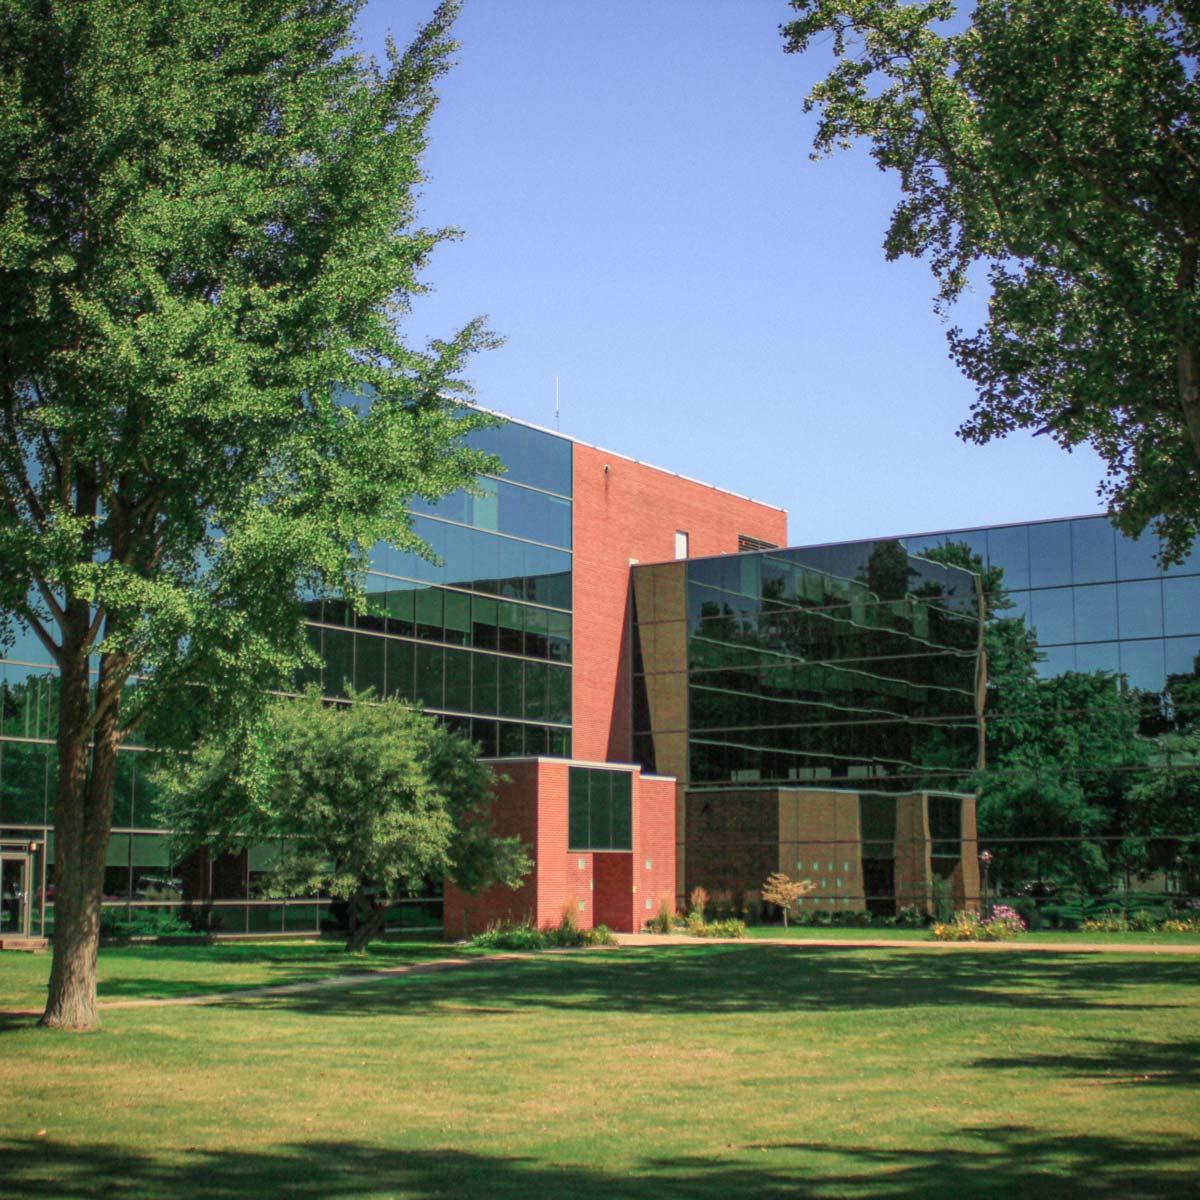 SB3 Building